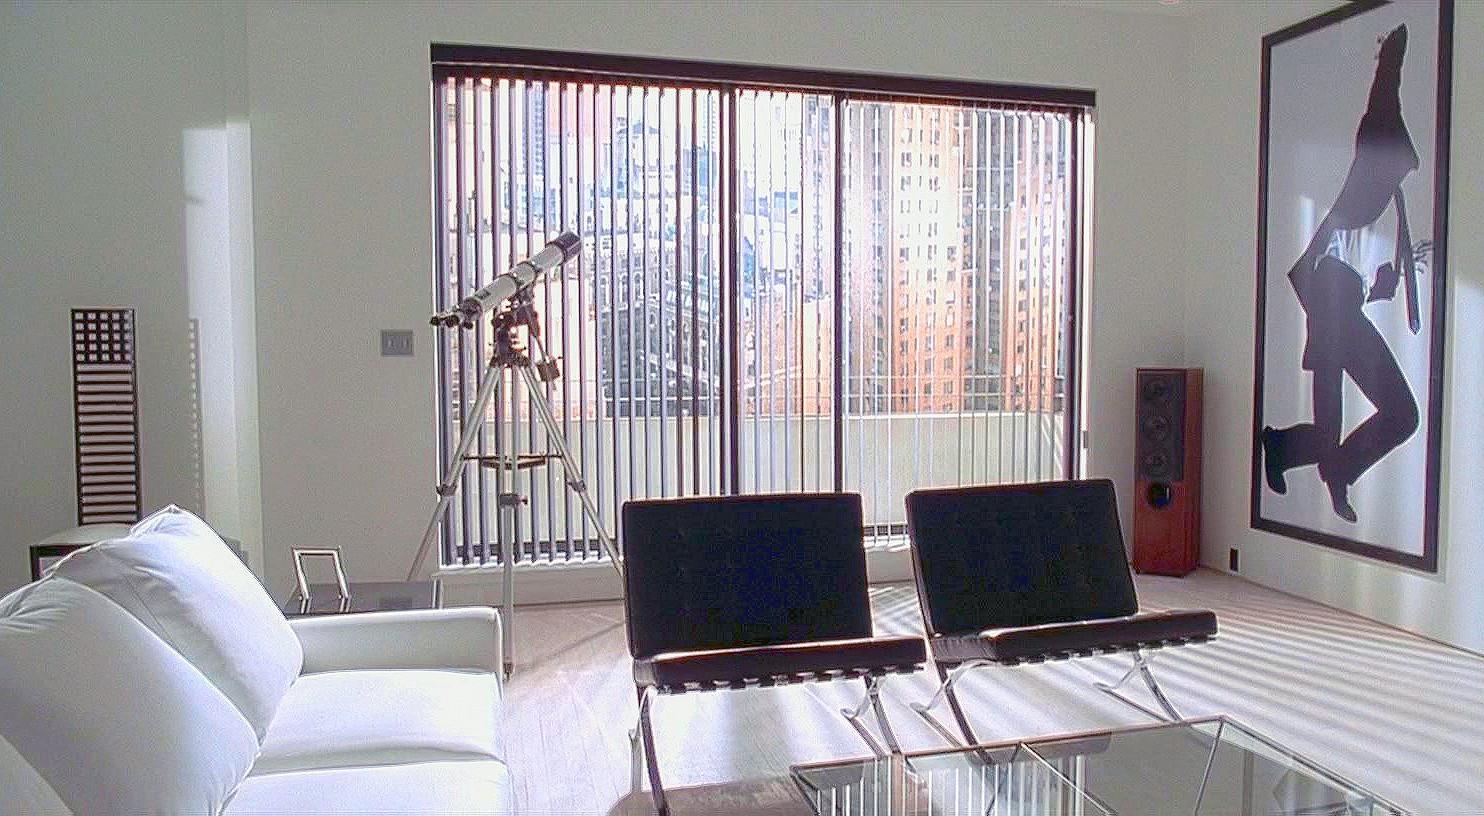 apartamento-patrick-bateman_minimal-studio_cine-y-arquitectura